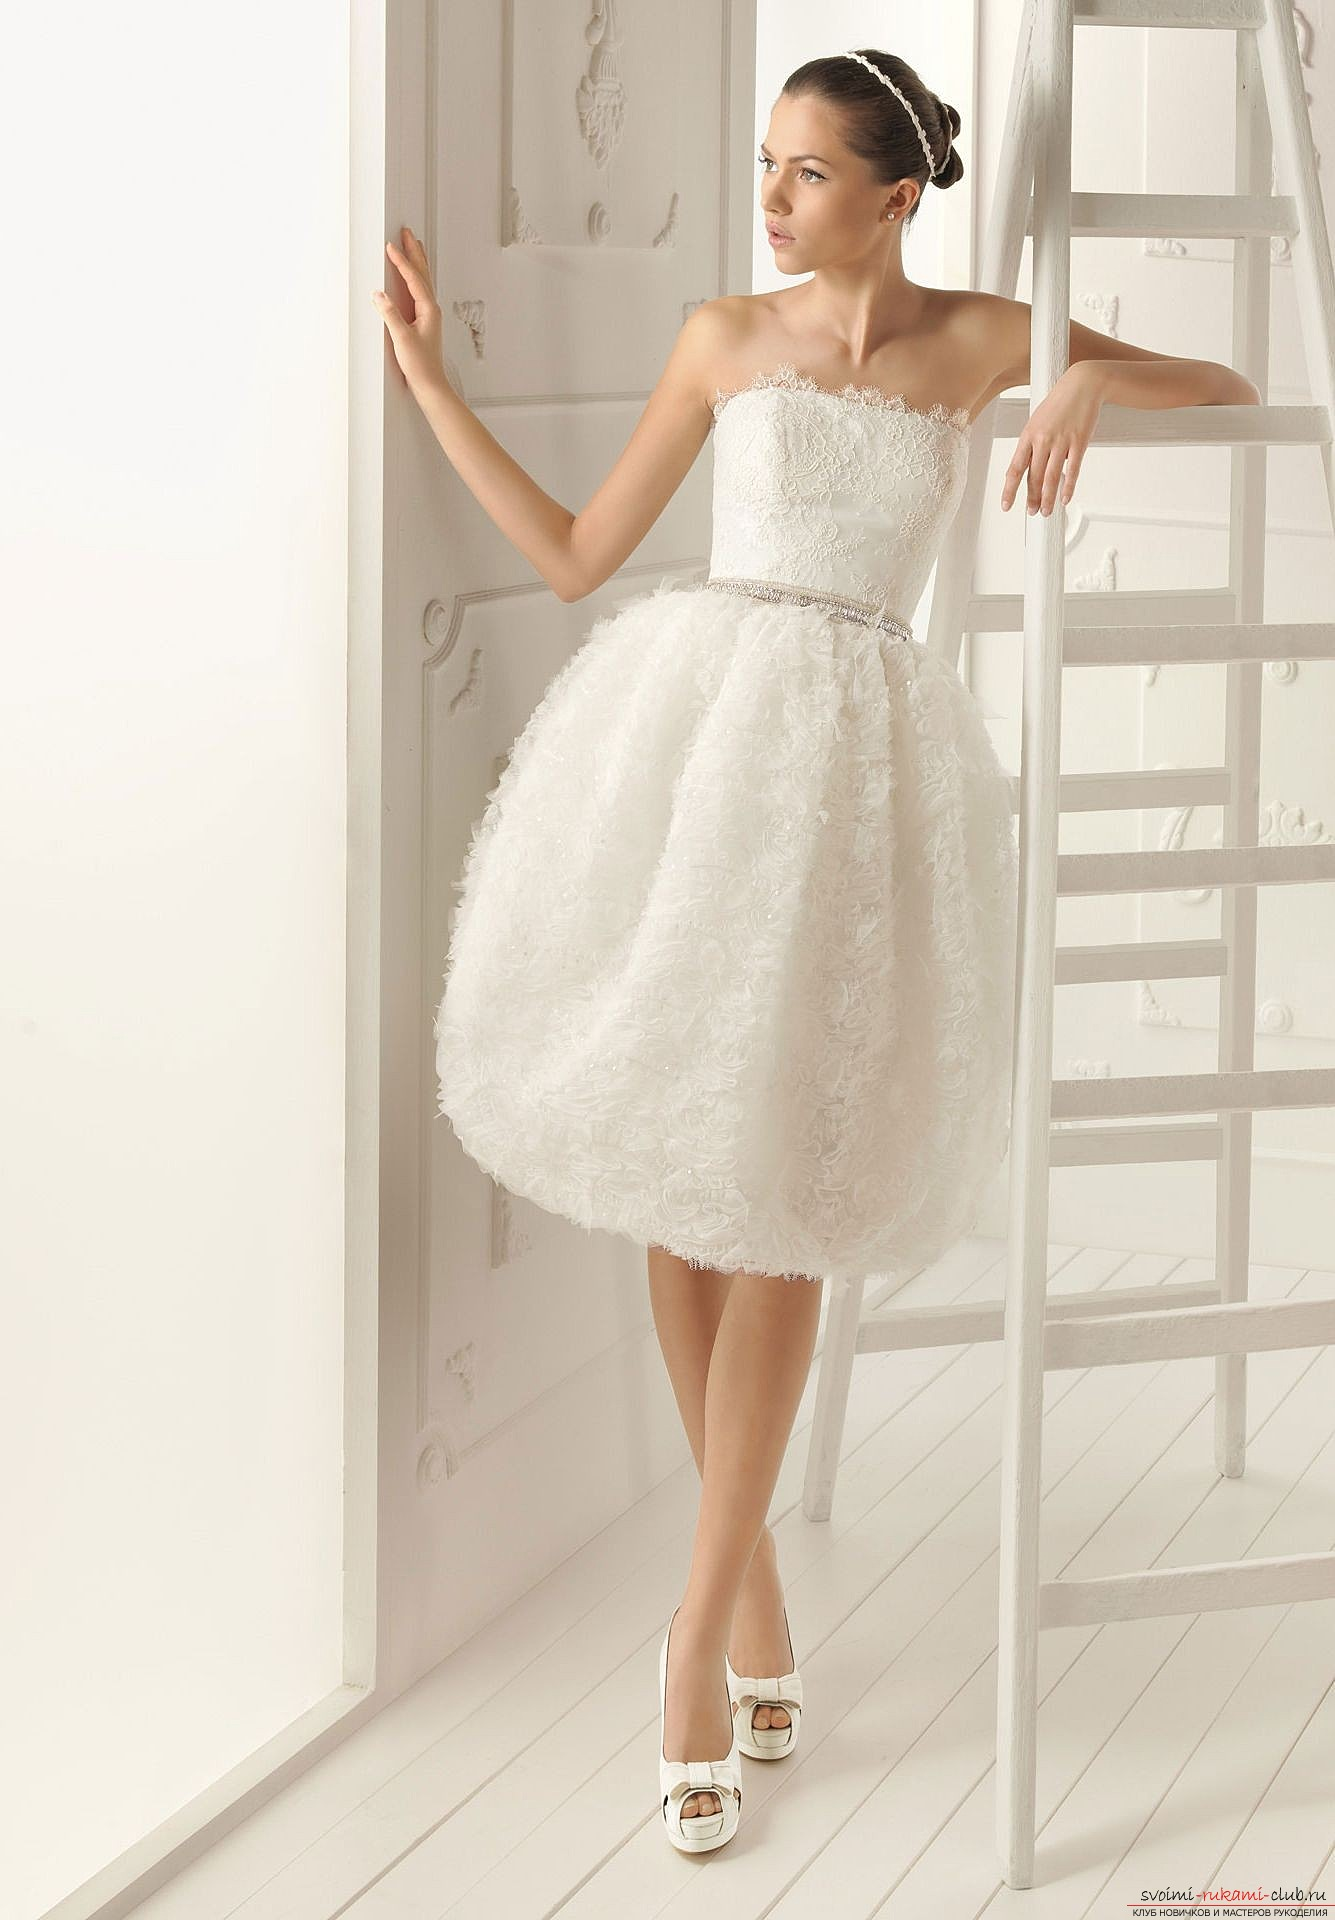 Выкройки платьев для начинающих являются достаточно простыми и